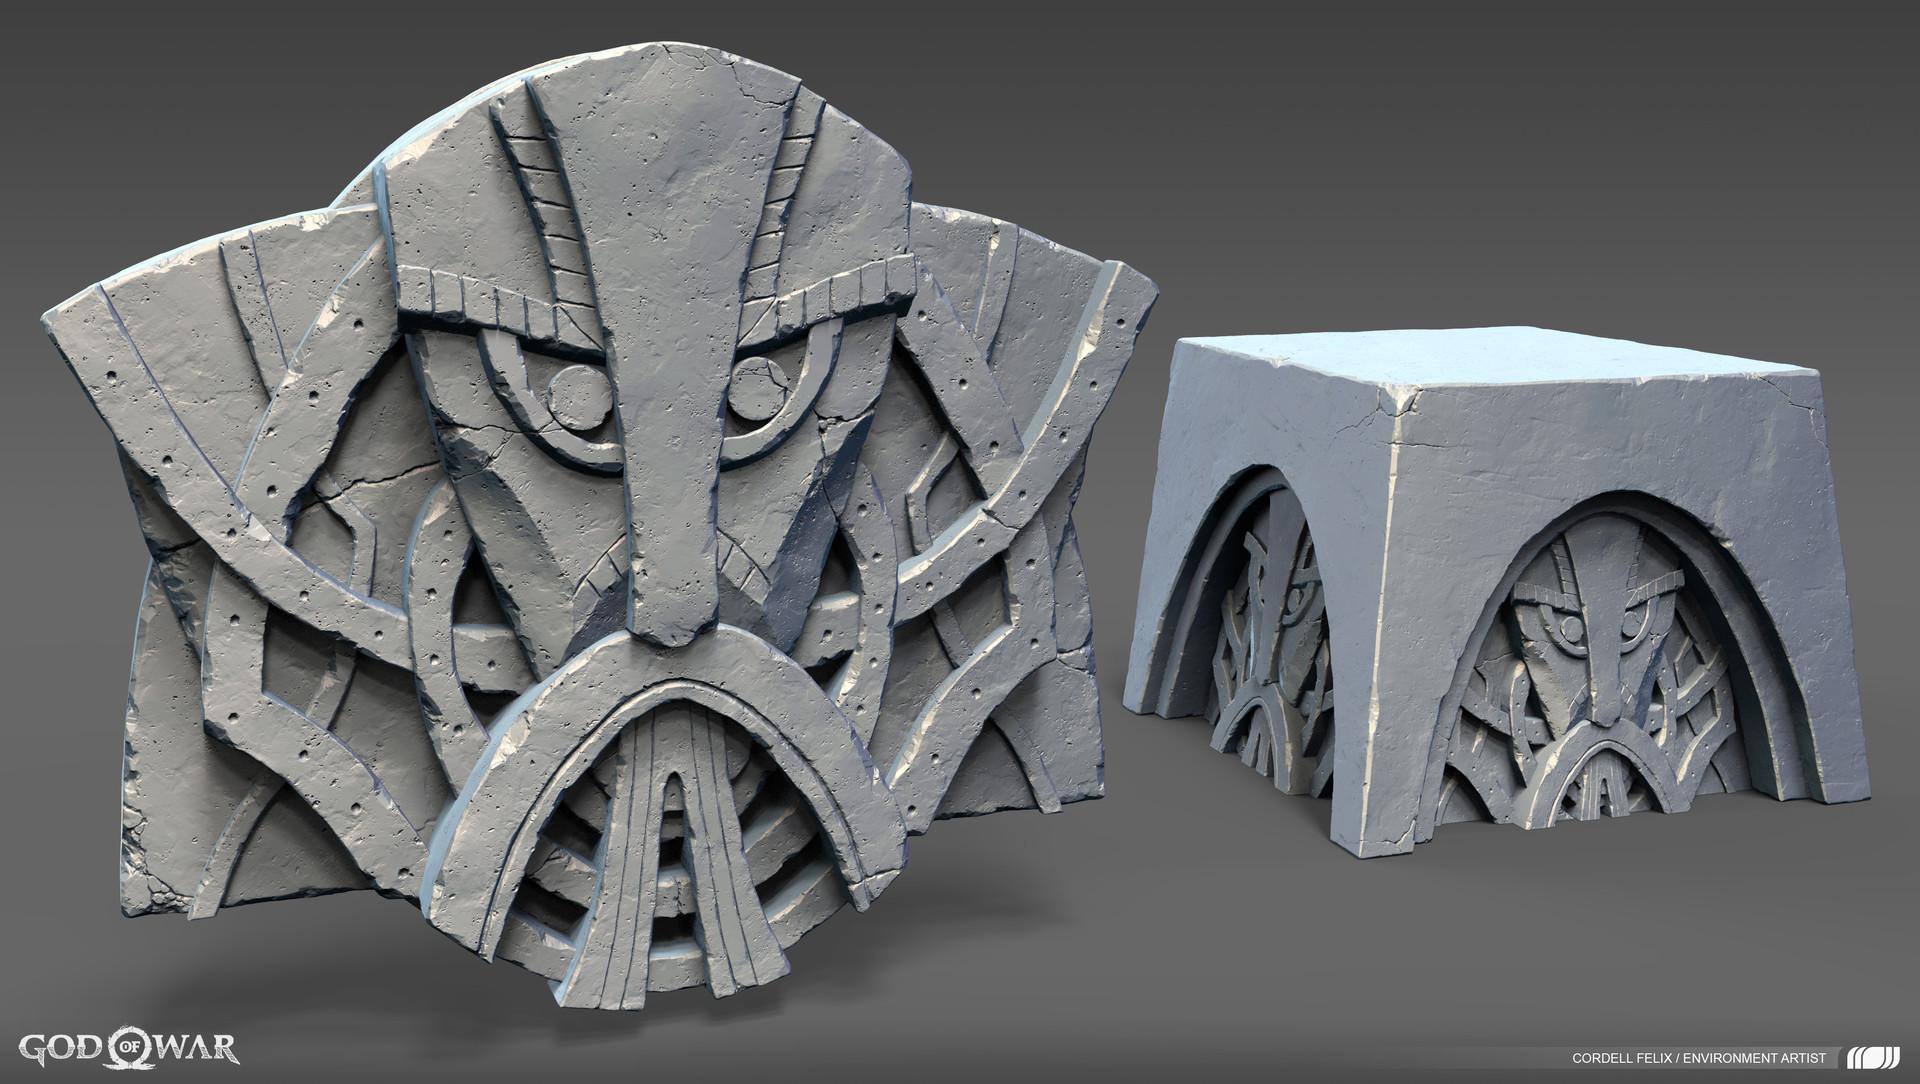 Cordell felix oogabooga stone withbase 01